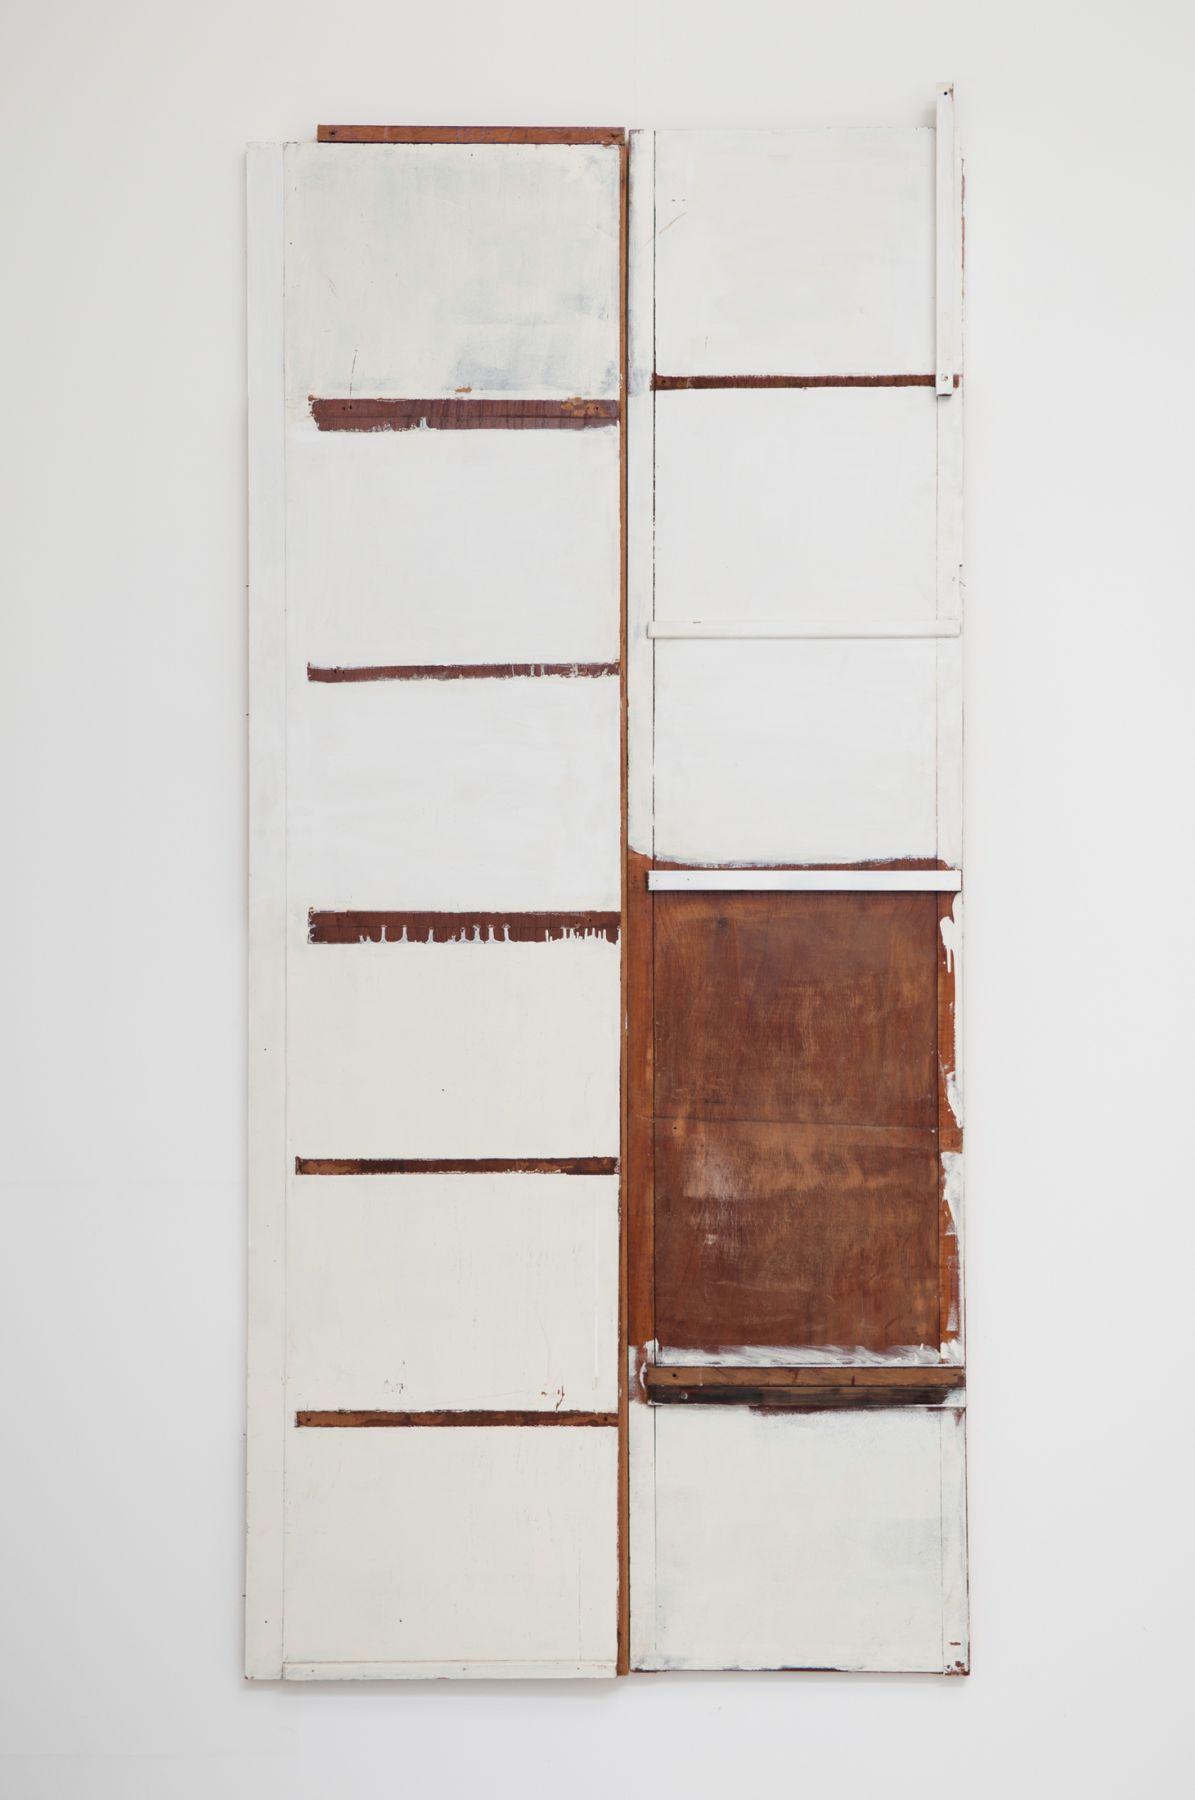 Fernanda Gomes Untitled, 2011